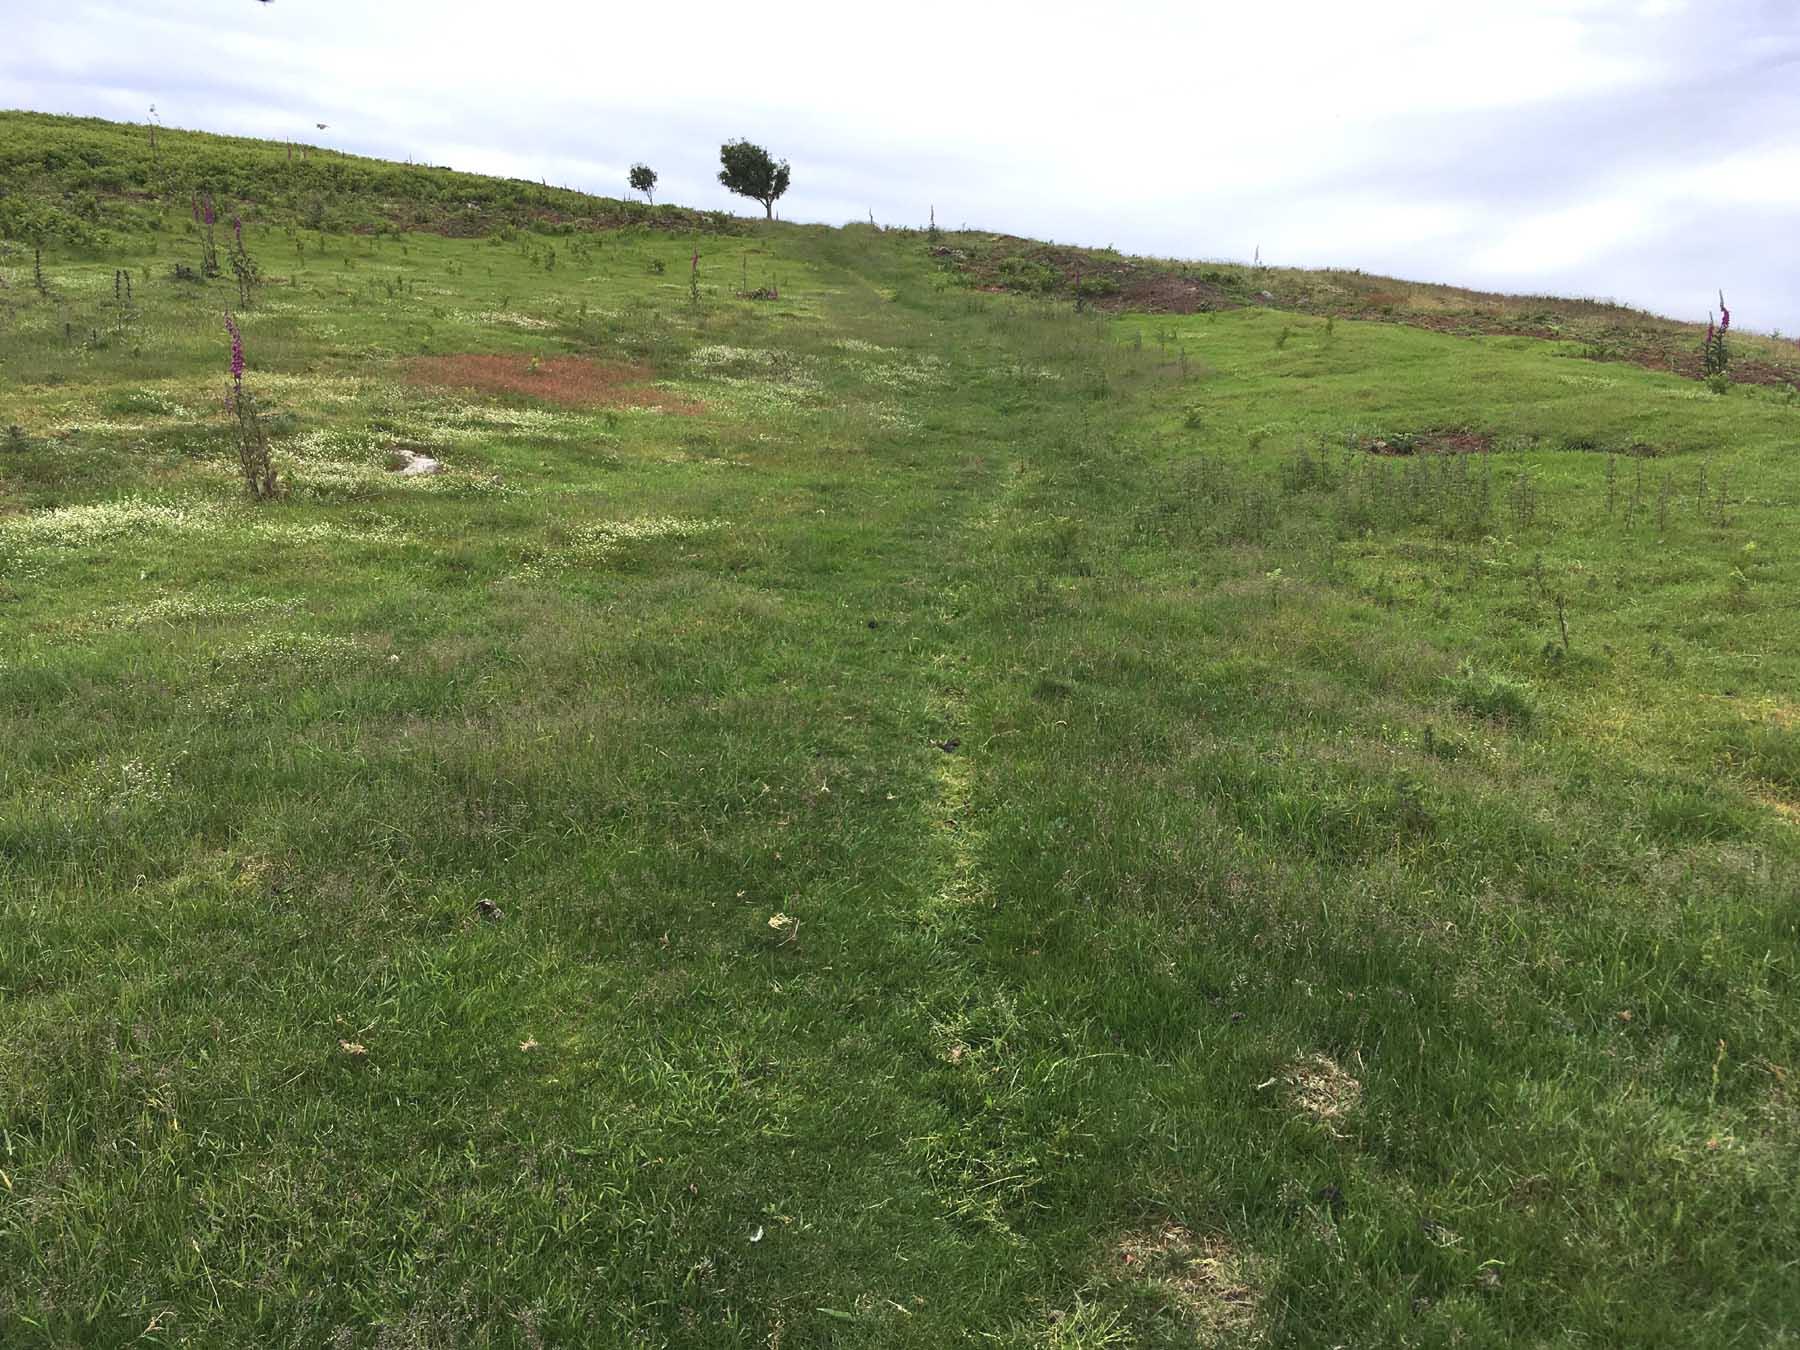 track leading invitingly upwards